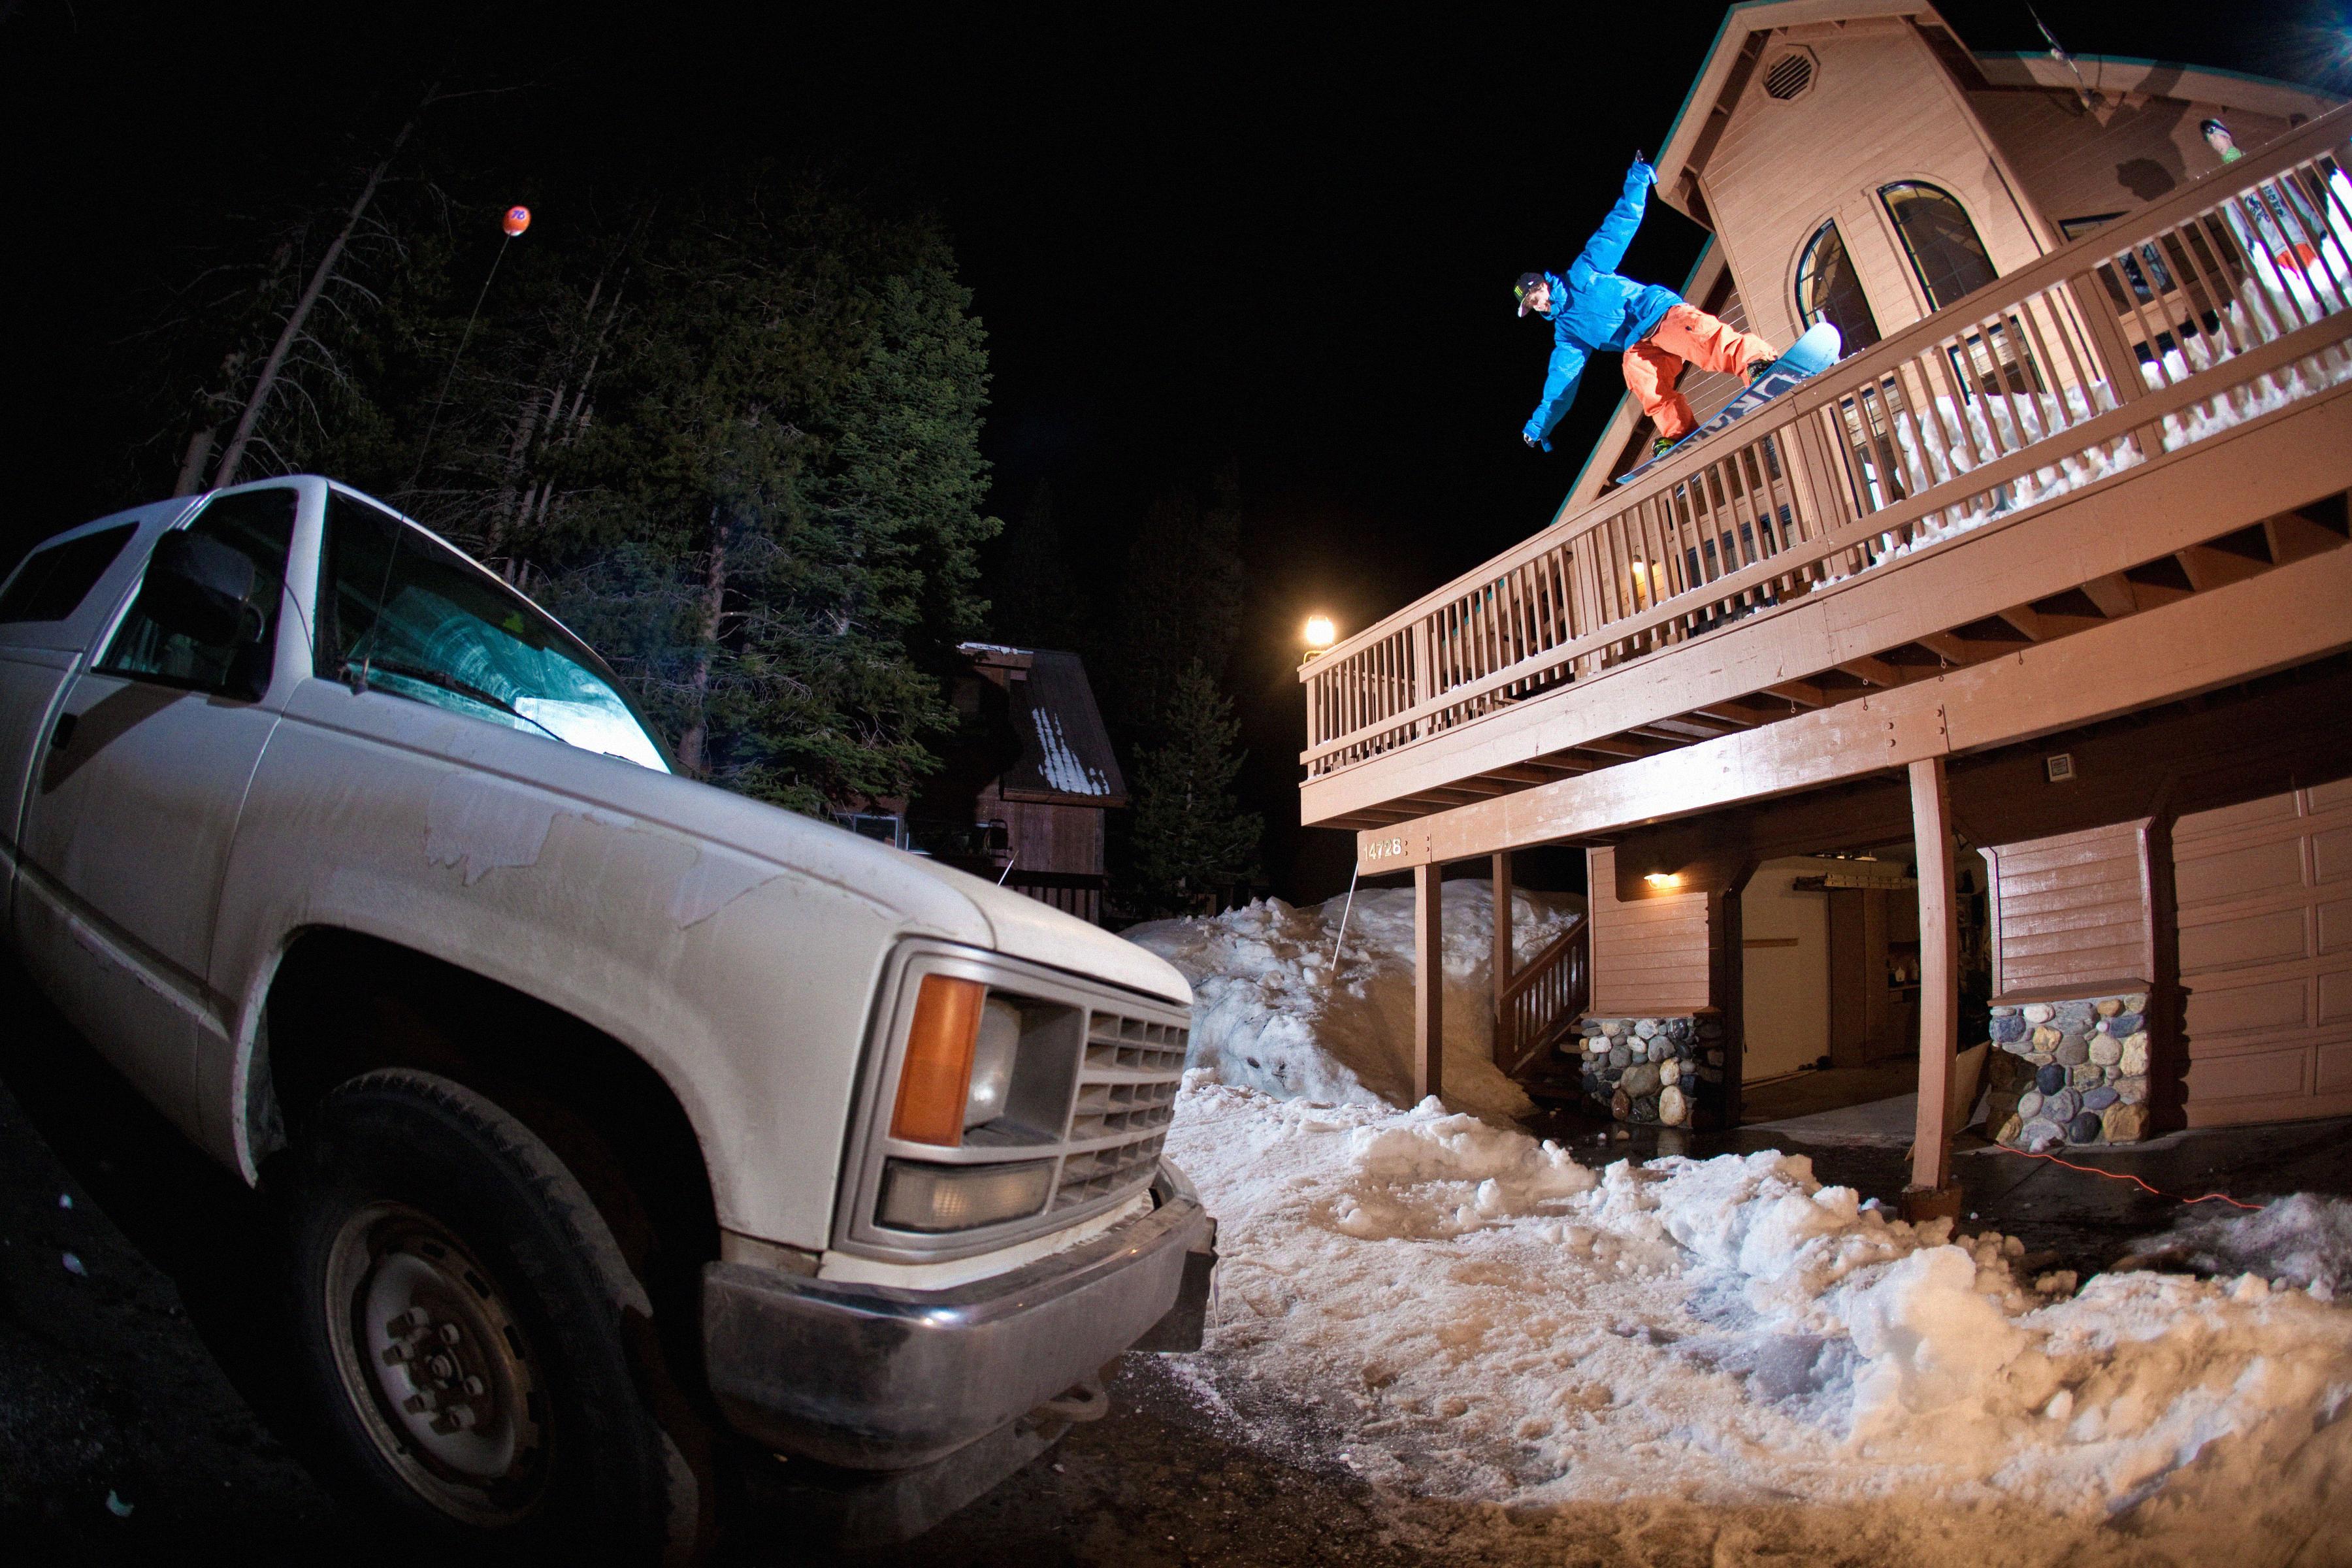 Action - Snowboarding, Lake Tahoe